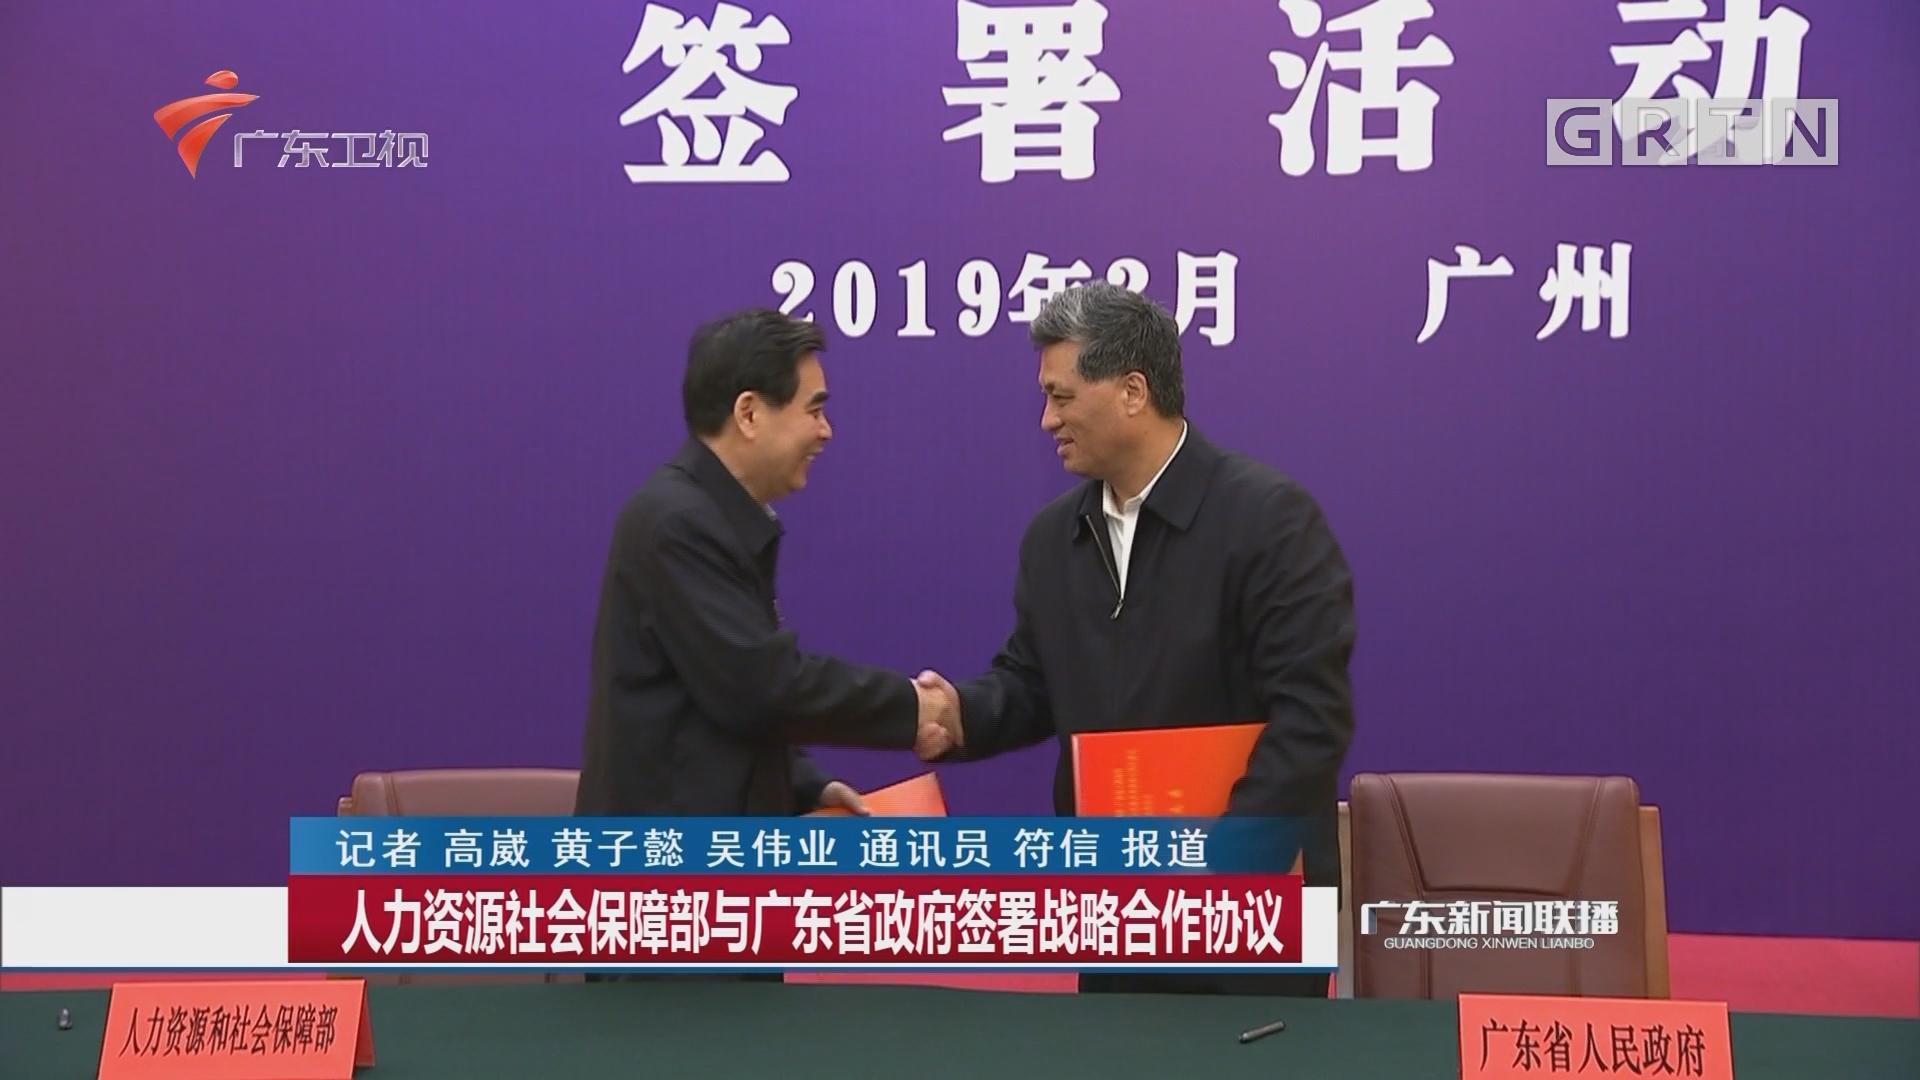 人力资源社会保障部与广东省政府签署战略合作协议